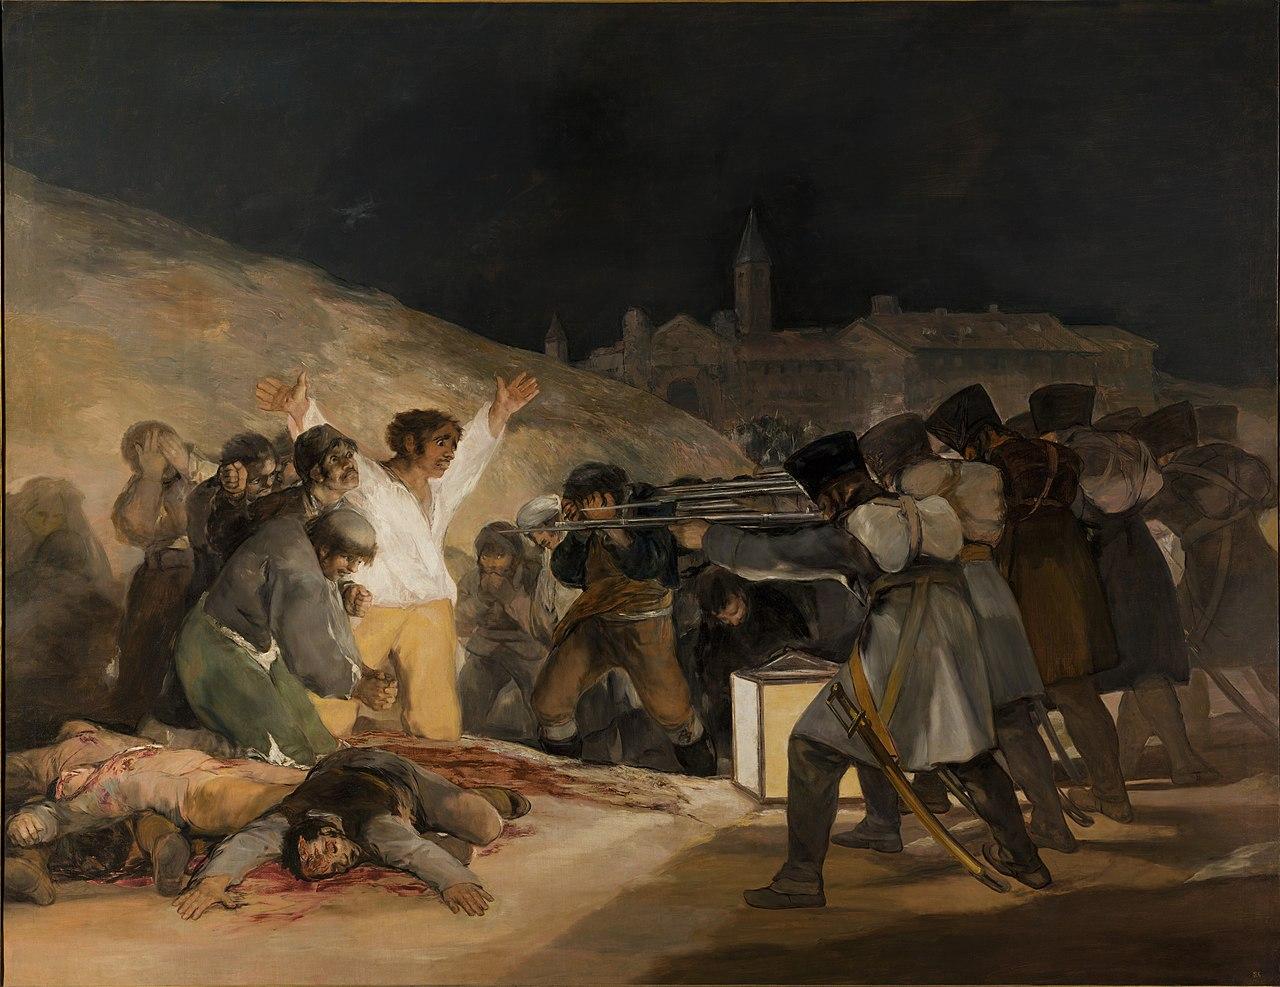 El tres de mayo de 1808 en Madrid, pintura de Goya, mostrando los fusilamientos de la resistencia española a manos de las tropas de Napoleón.